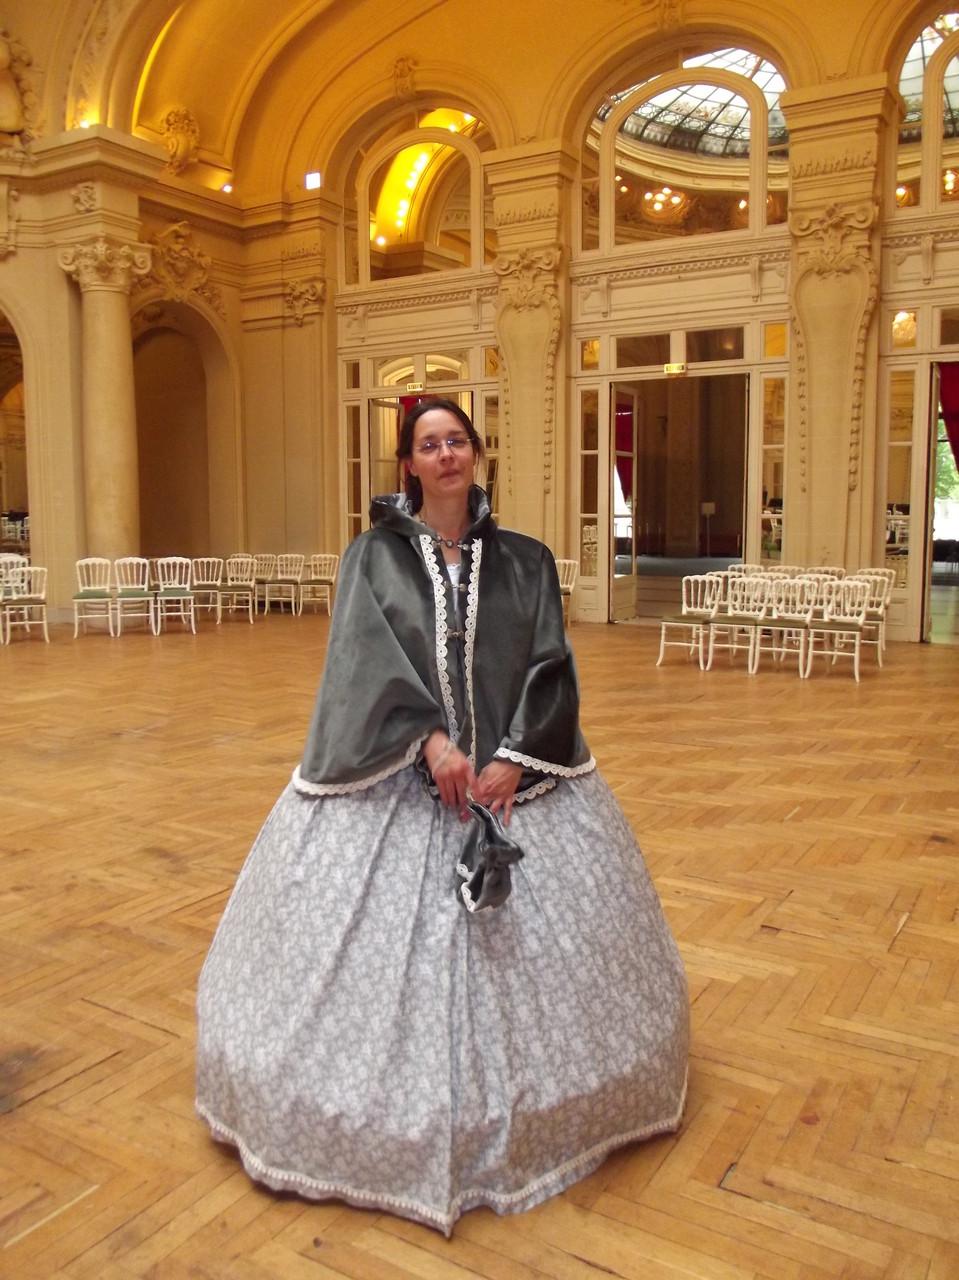 Robe second empire violet et grise cape en velours gris - Fêtes de Napoléon III de Vichy avril 2014 - Nathalie Navarro Créations